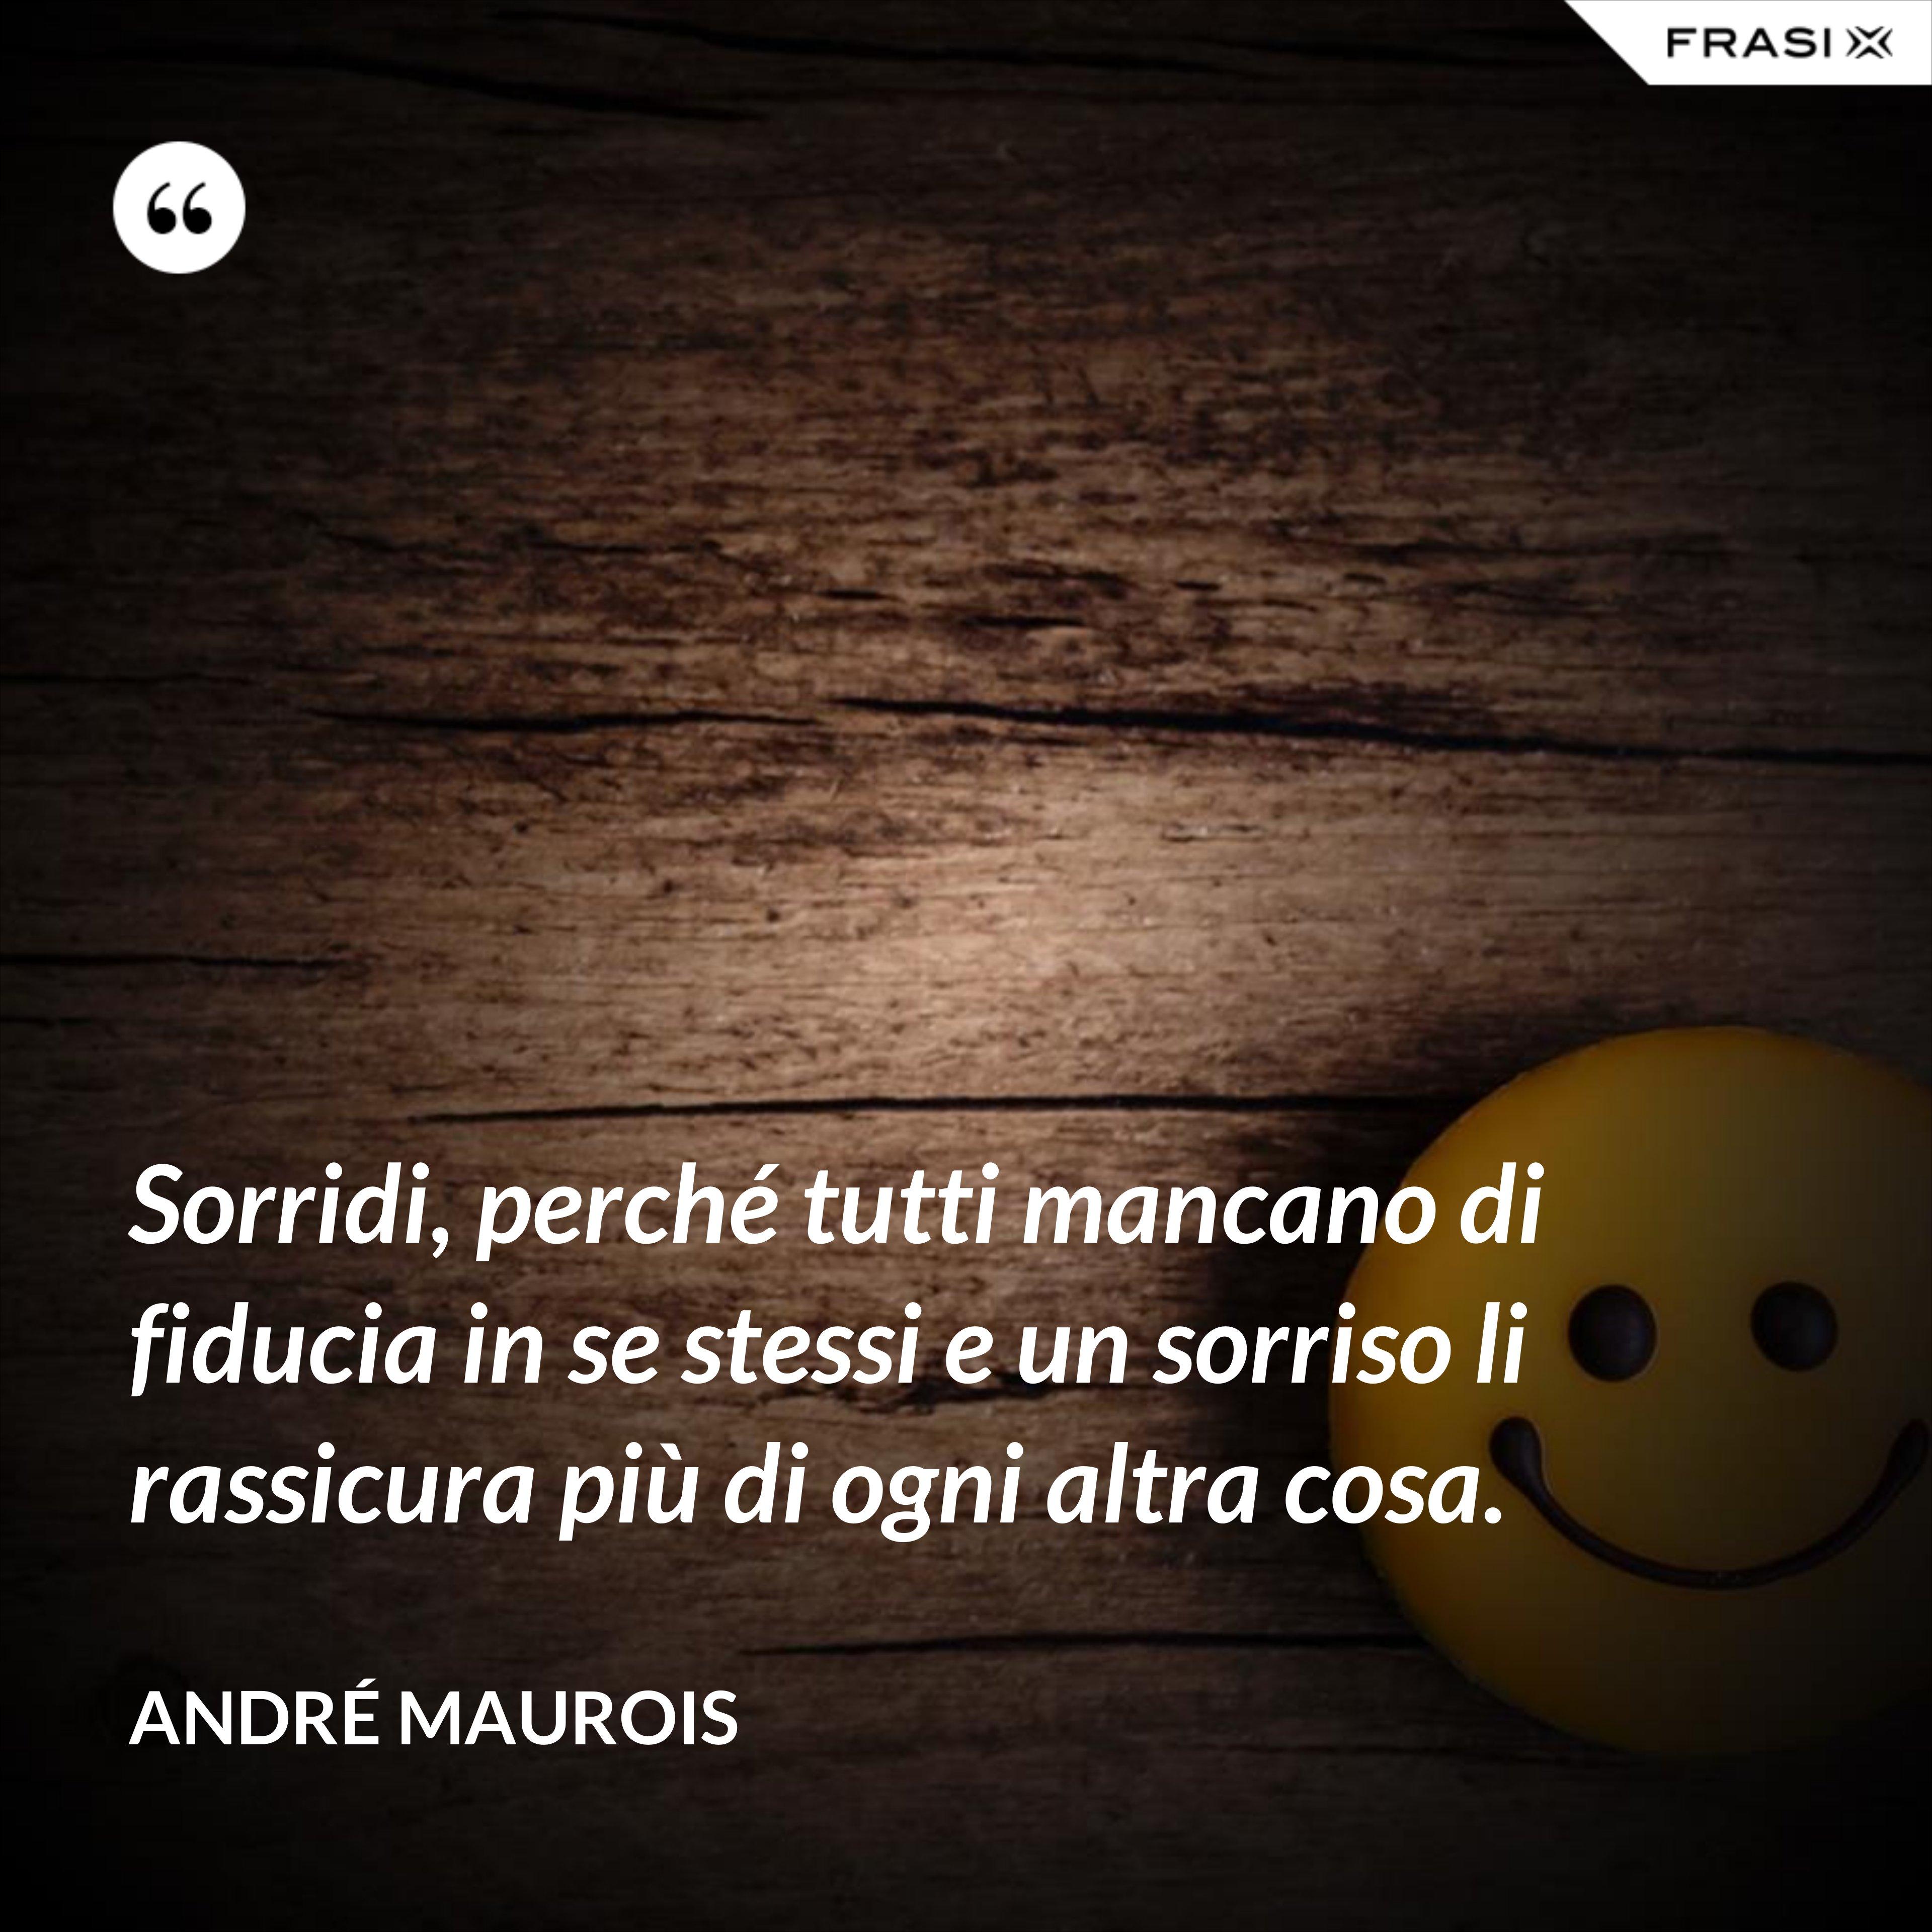 Sorridi, perché tutti mancano di fiducia in se stessi e un sorriso li rassicura più di ogni altra cosa. - André Maurois